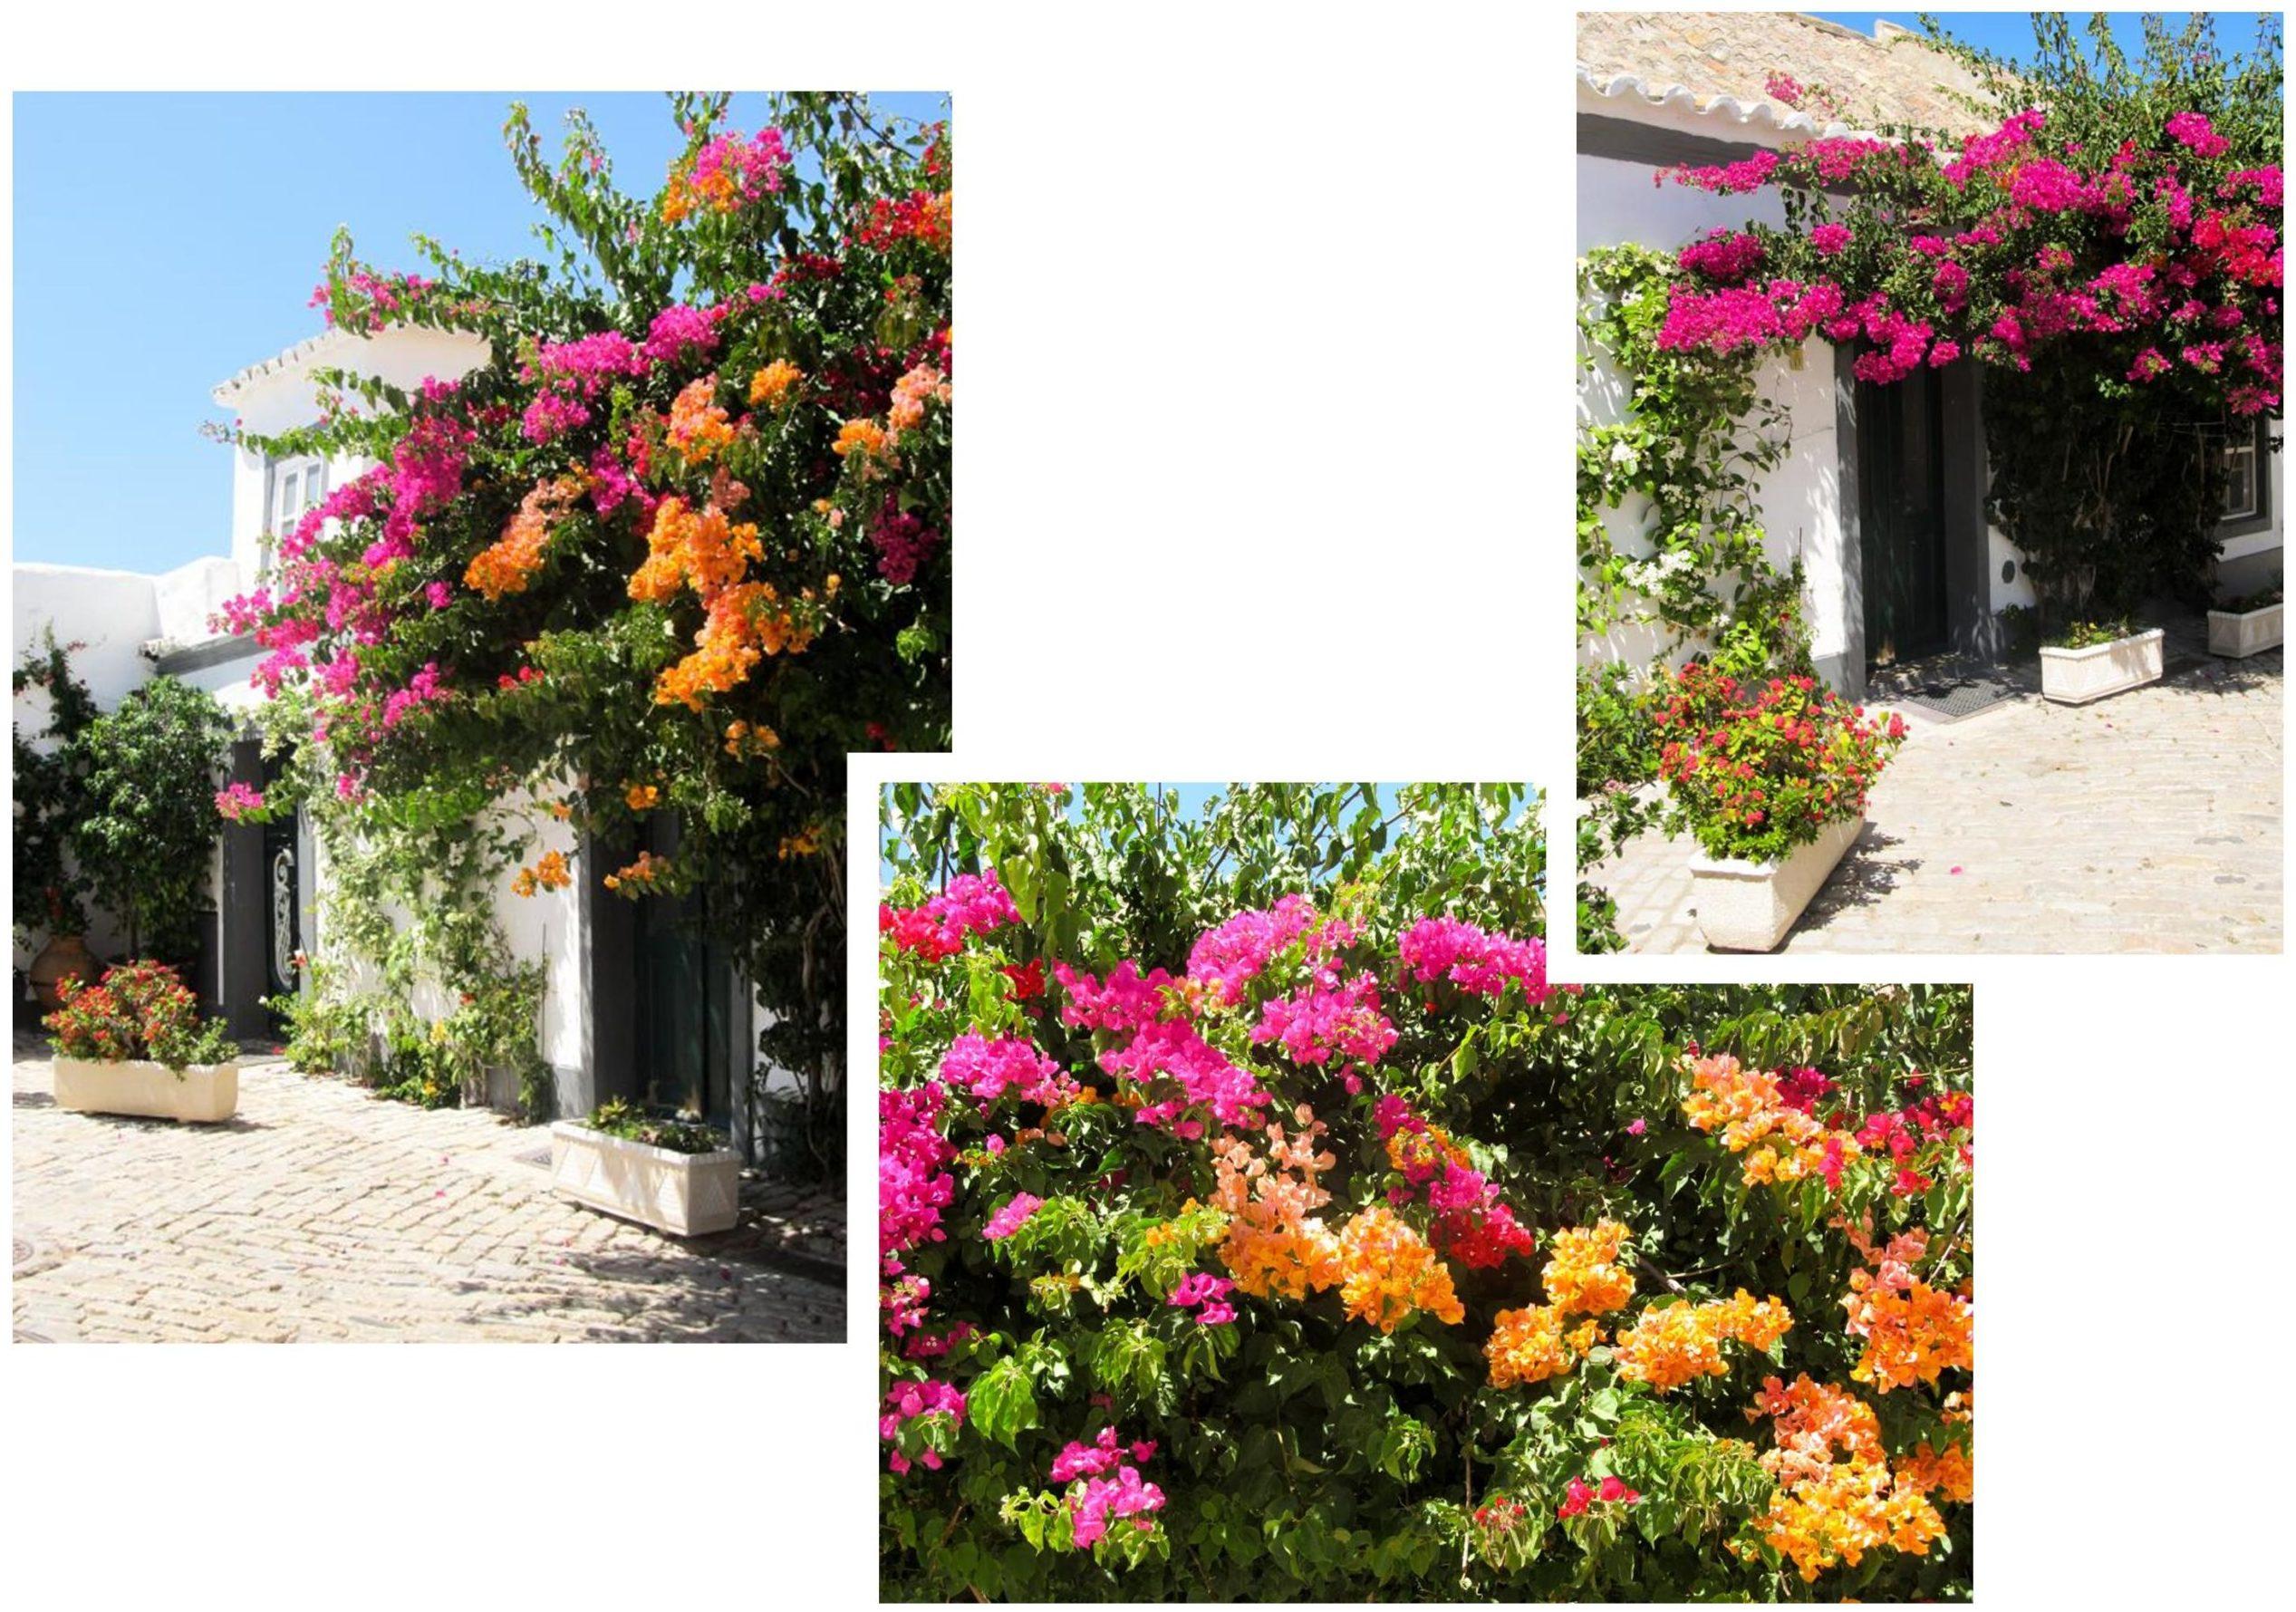 Faro | Découvrez dans cet article les plus beaux endroits, notamment les plages et villages, de la côte sud de l'Algarve au Portugal.